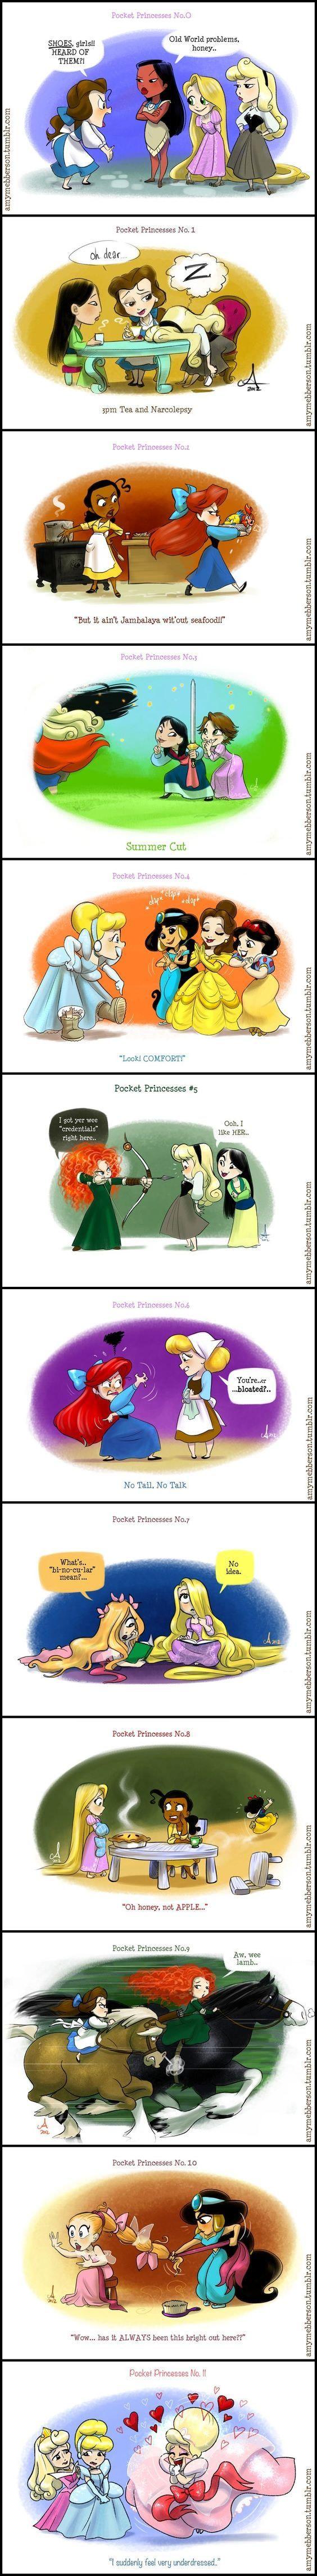 Pocket princess 0-11 Love them.